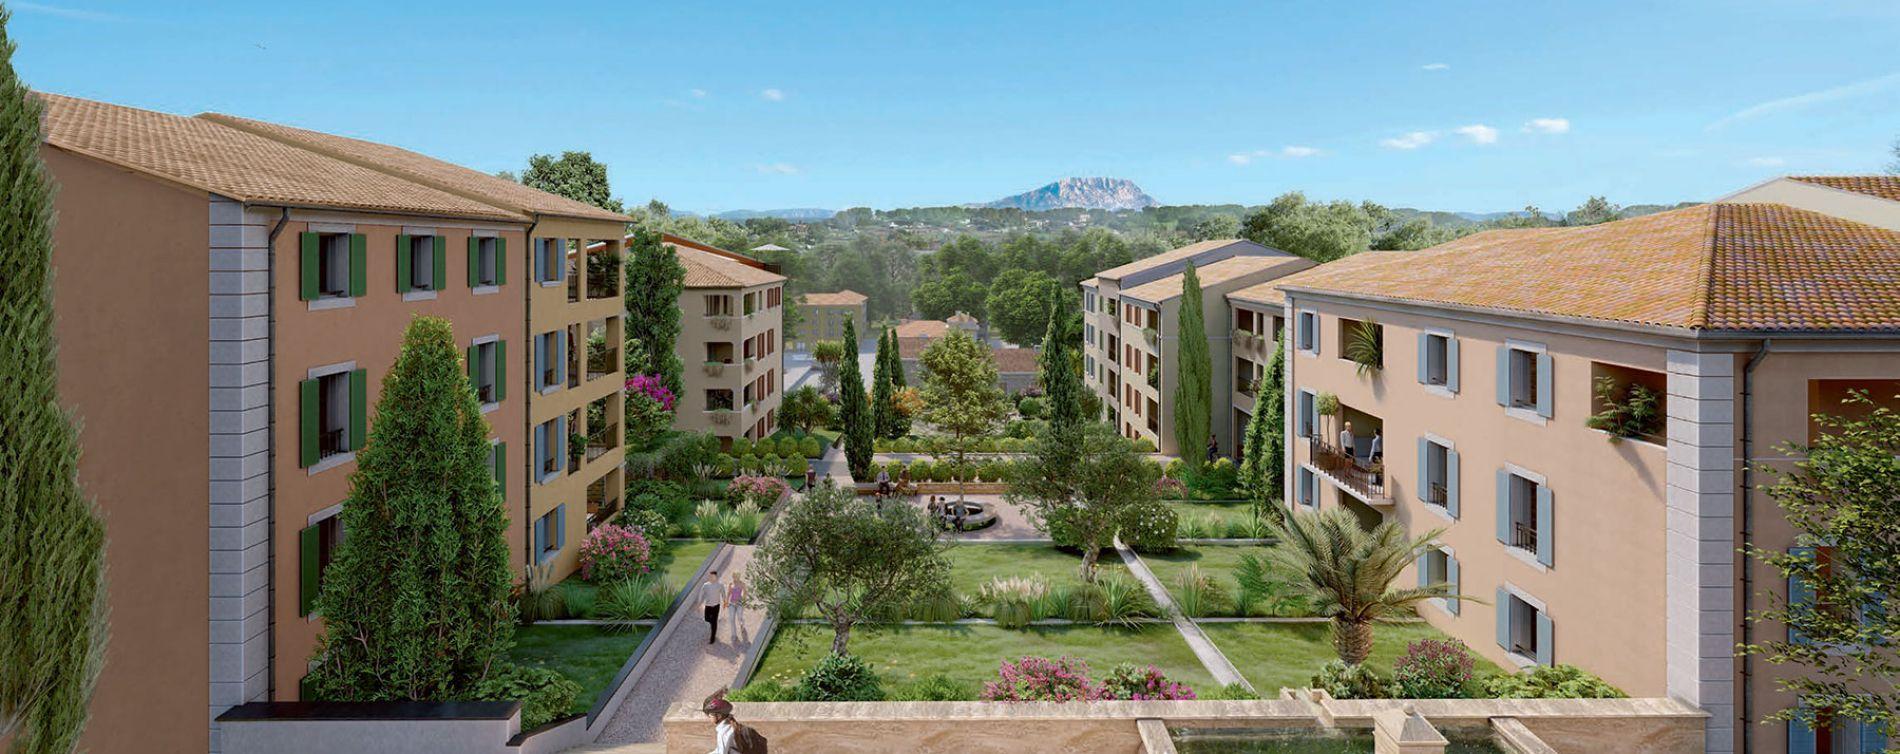 Résidence Harmonie à Aix-en-Provence